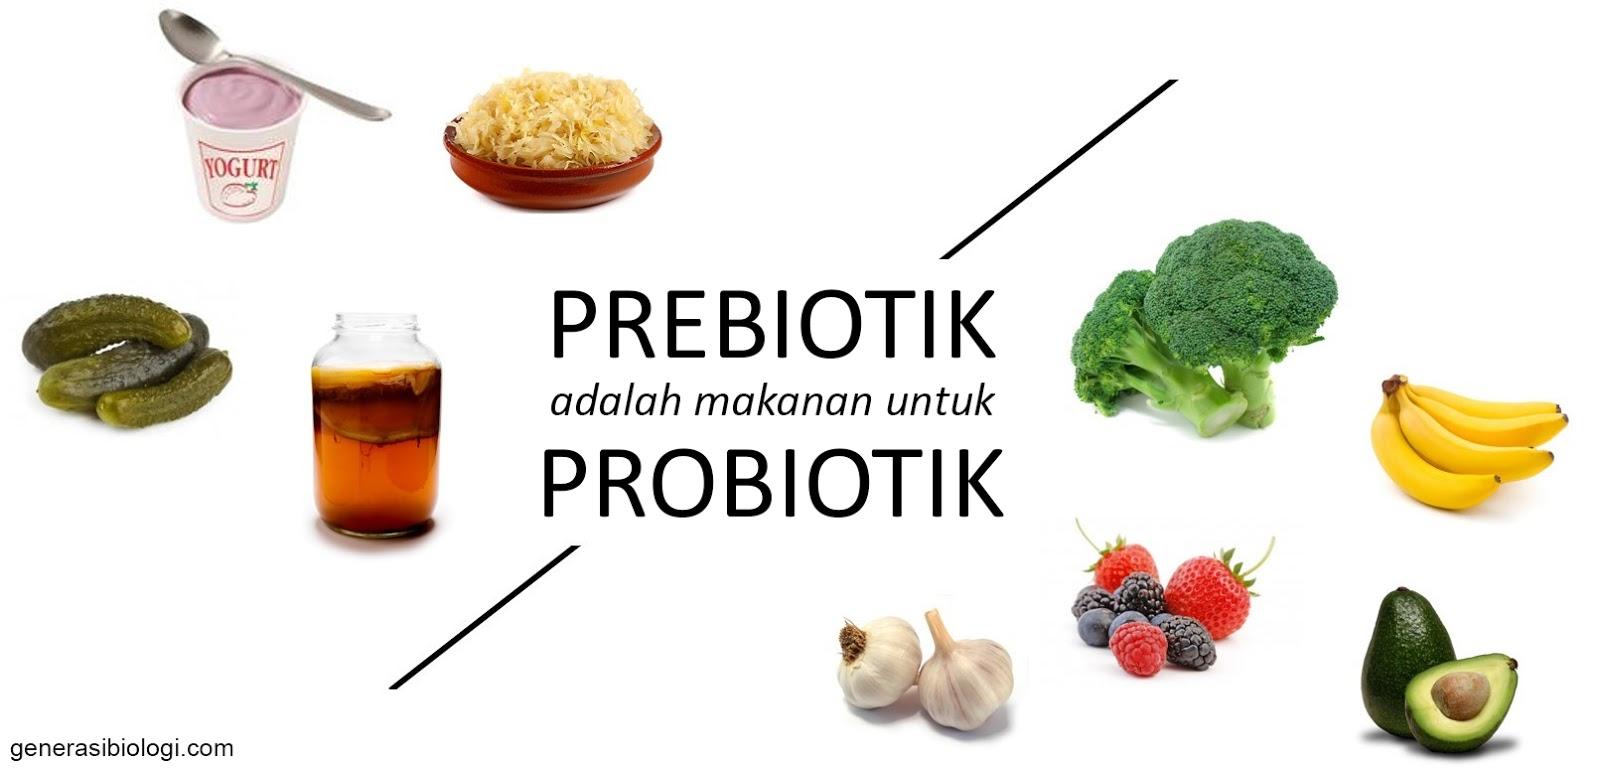 Empat sumber makanan yang kaya akan probiotik yang menyehatan pencernakan.